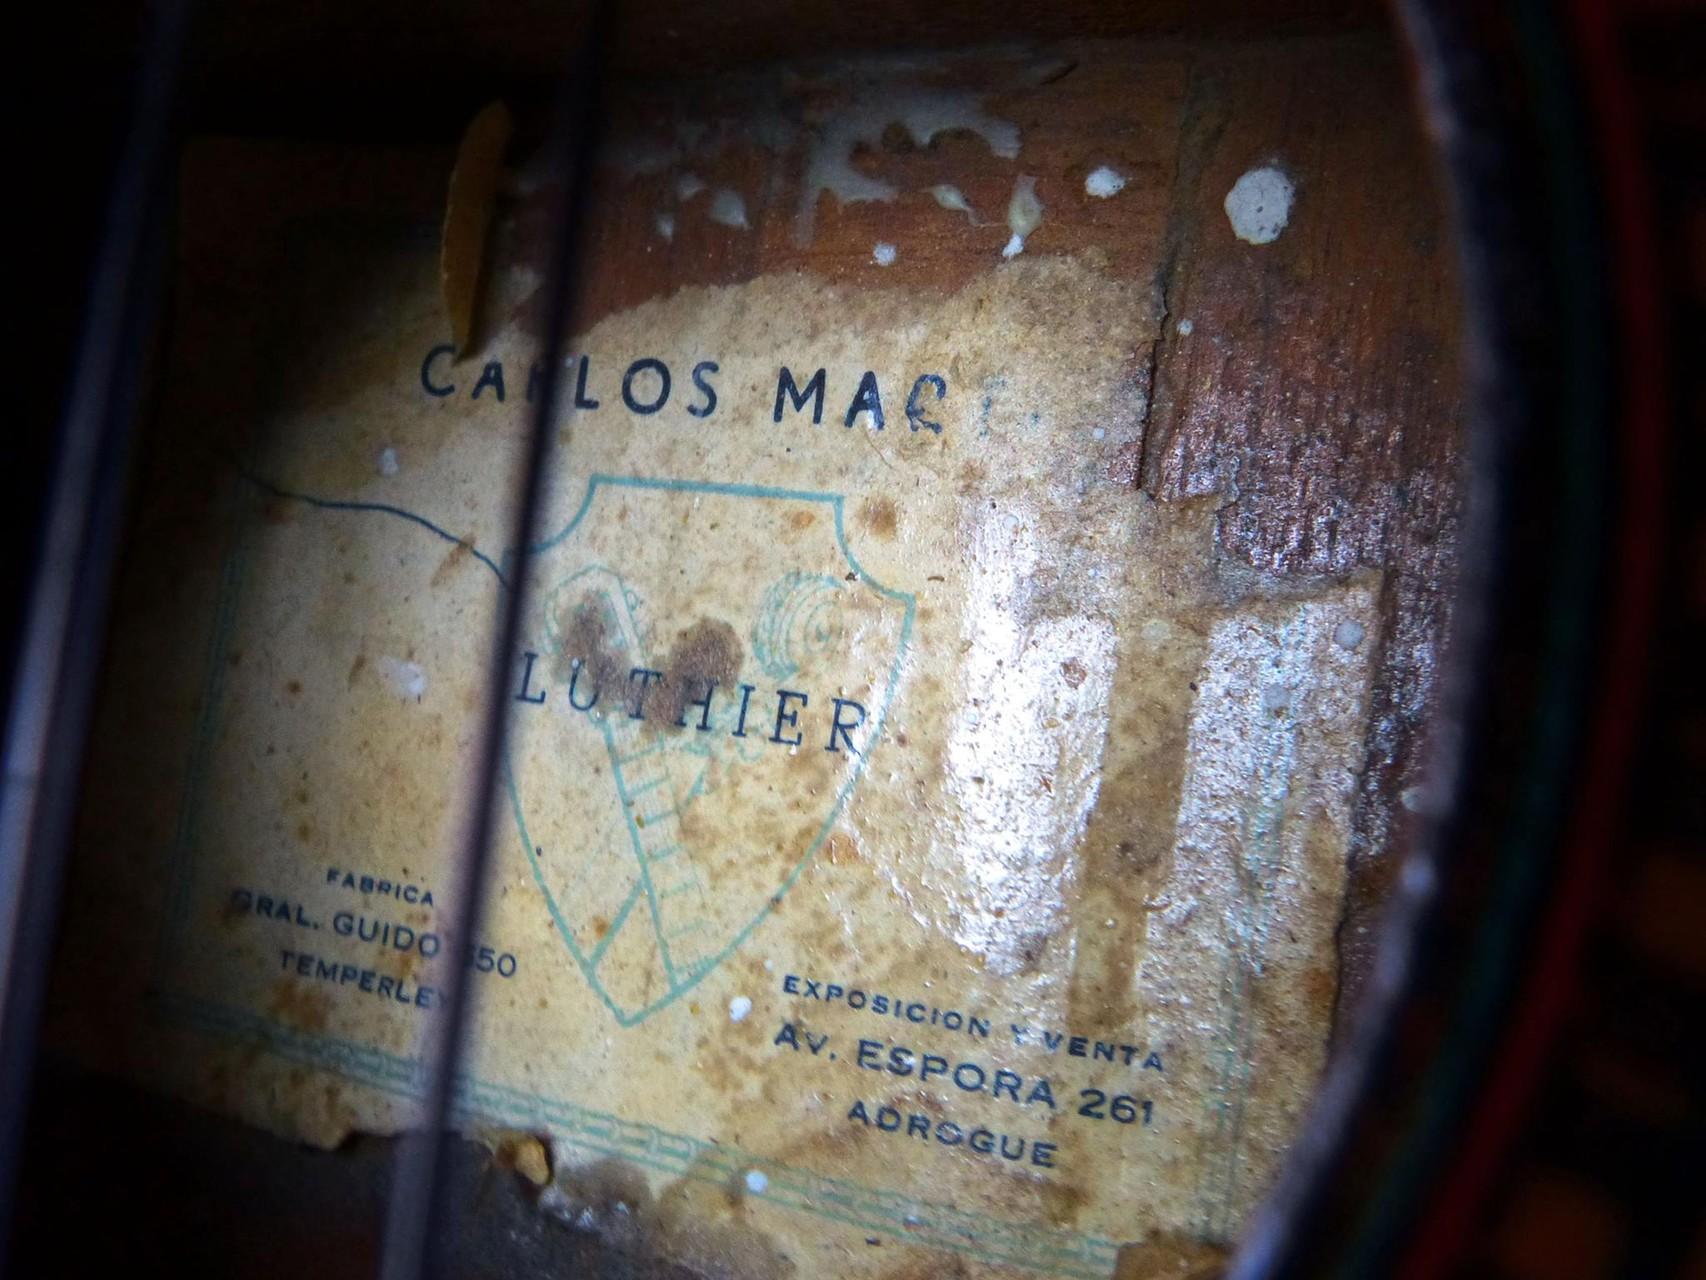 1978 Requiton Carlos Mar...